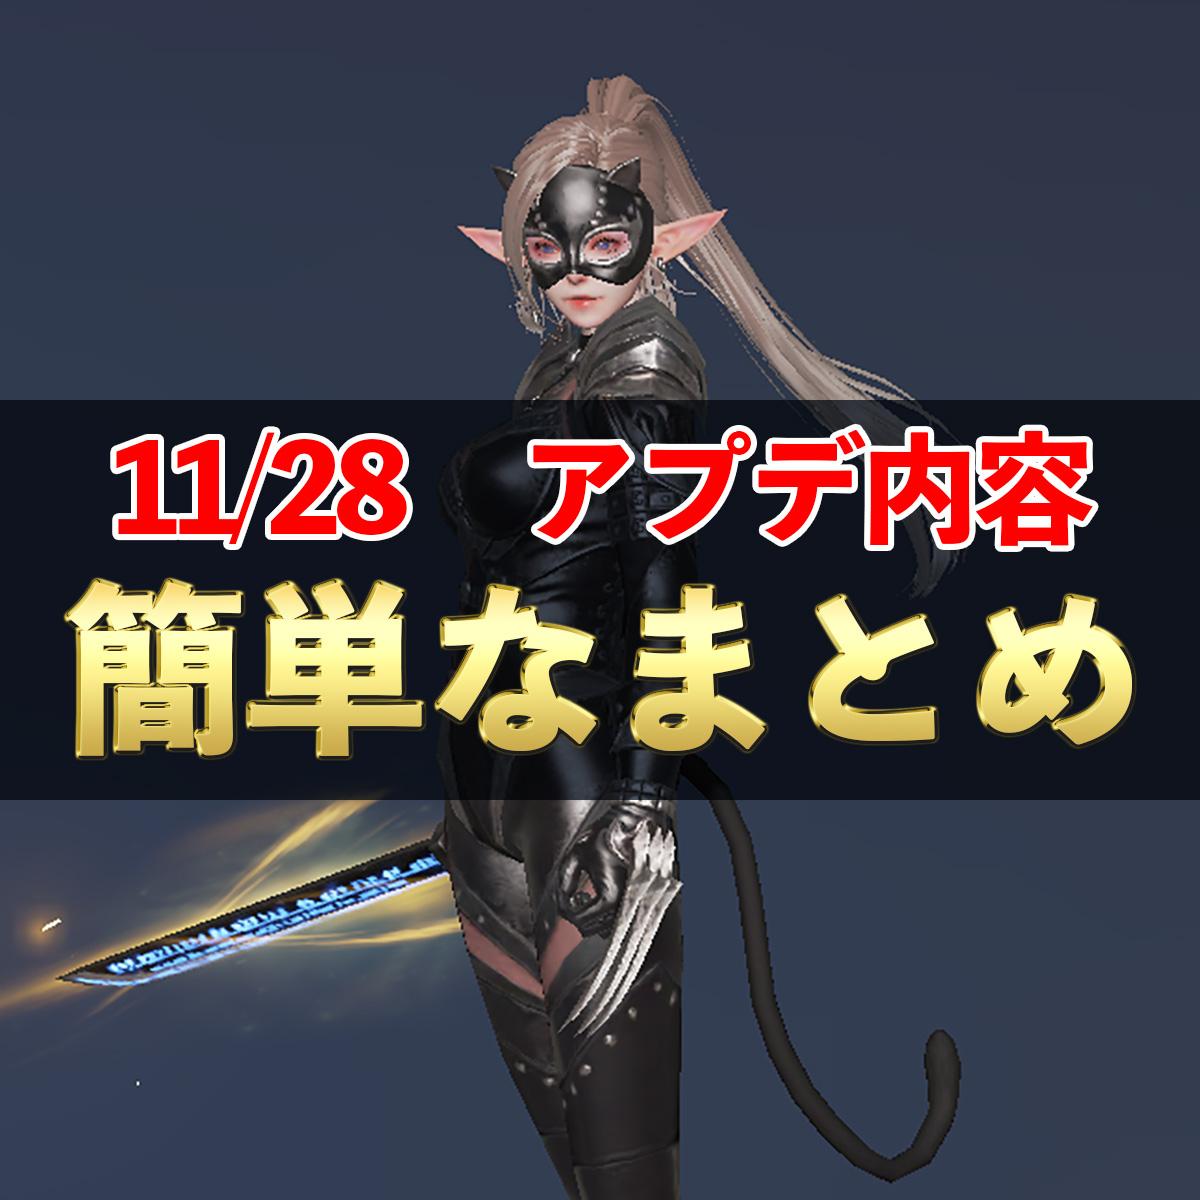 11/28アップデートまとめ